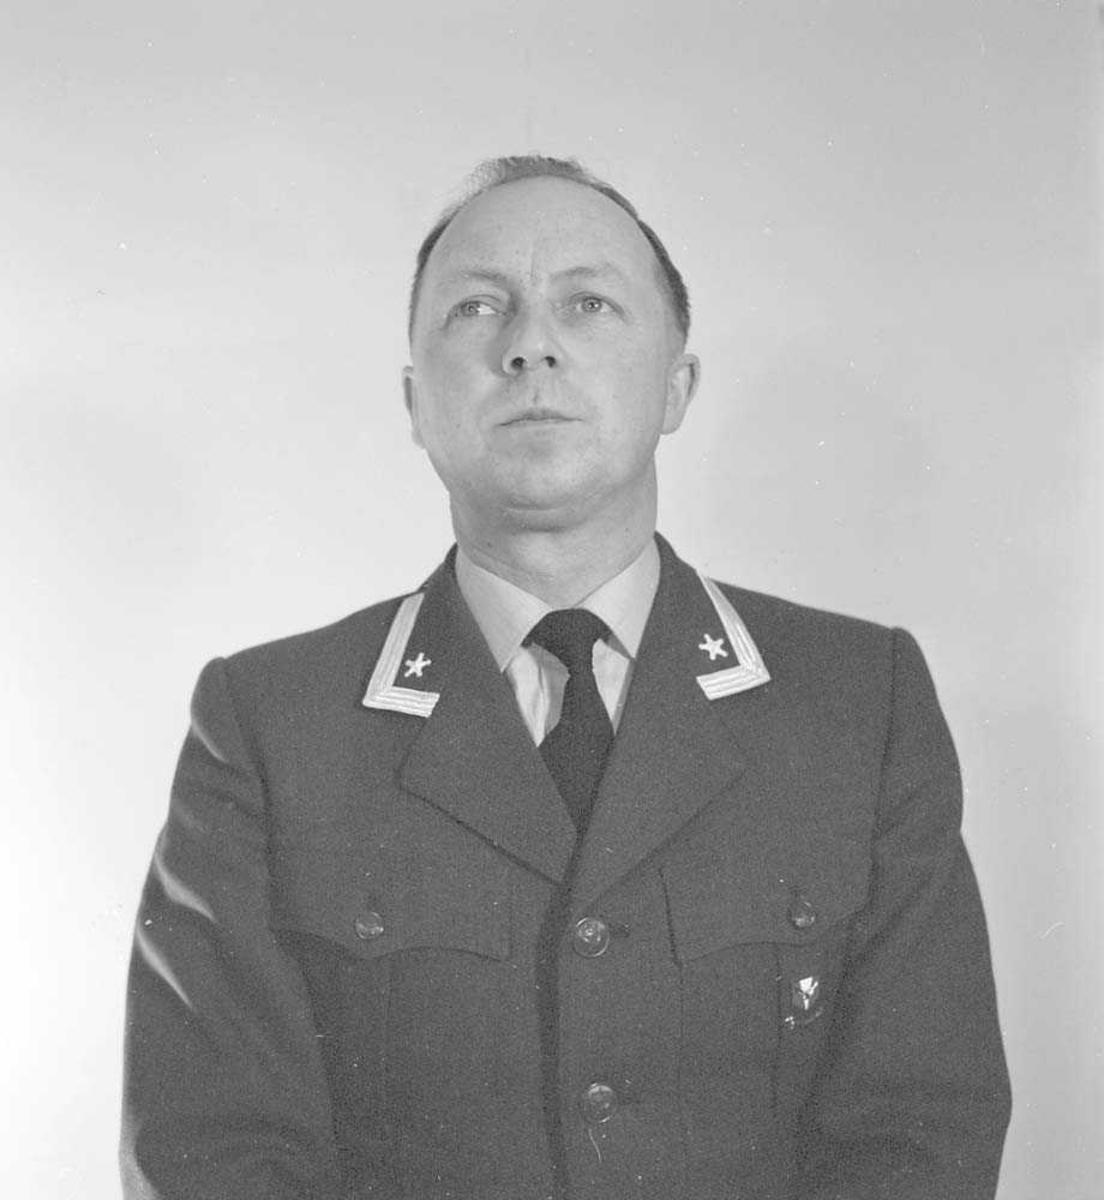 Portrett av Major Arne Thom, LK-staben.